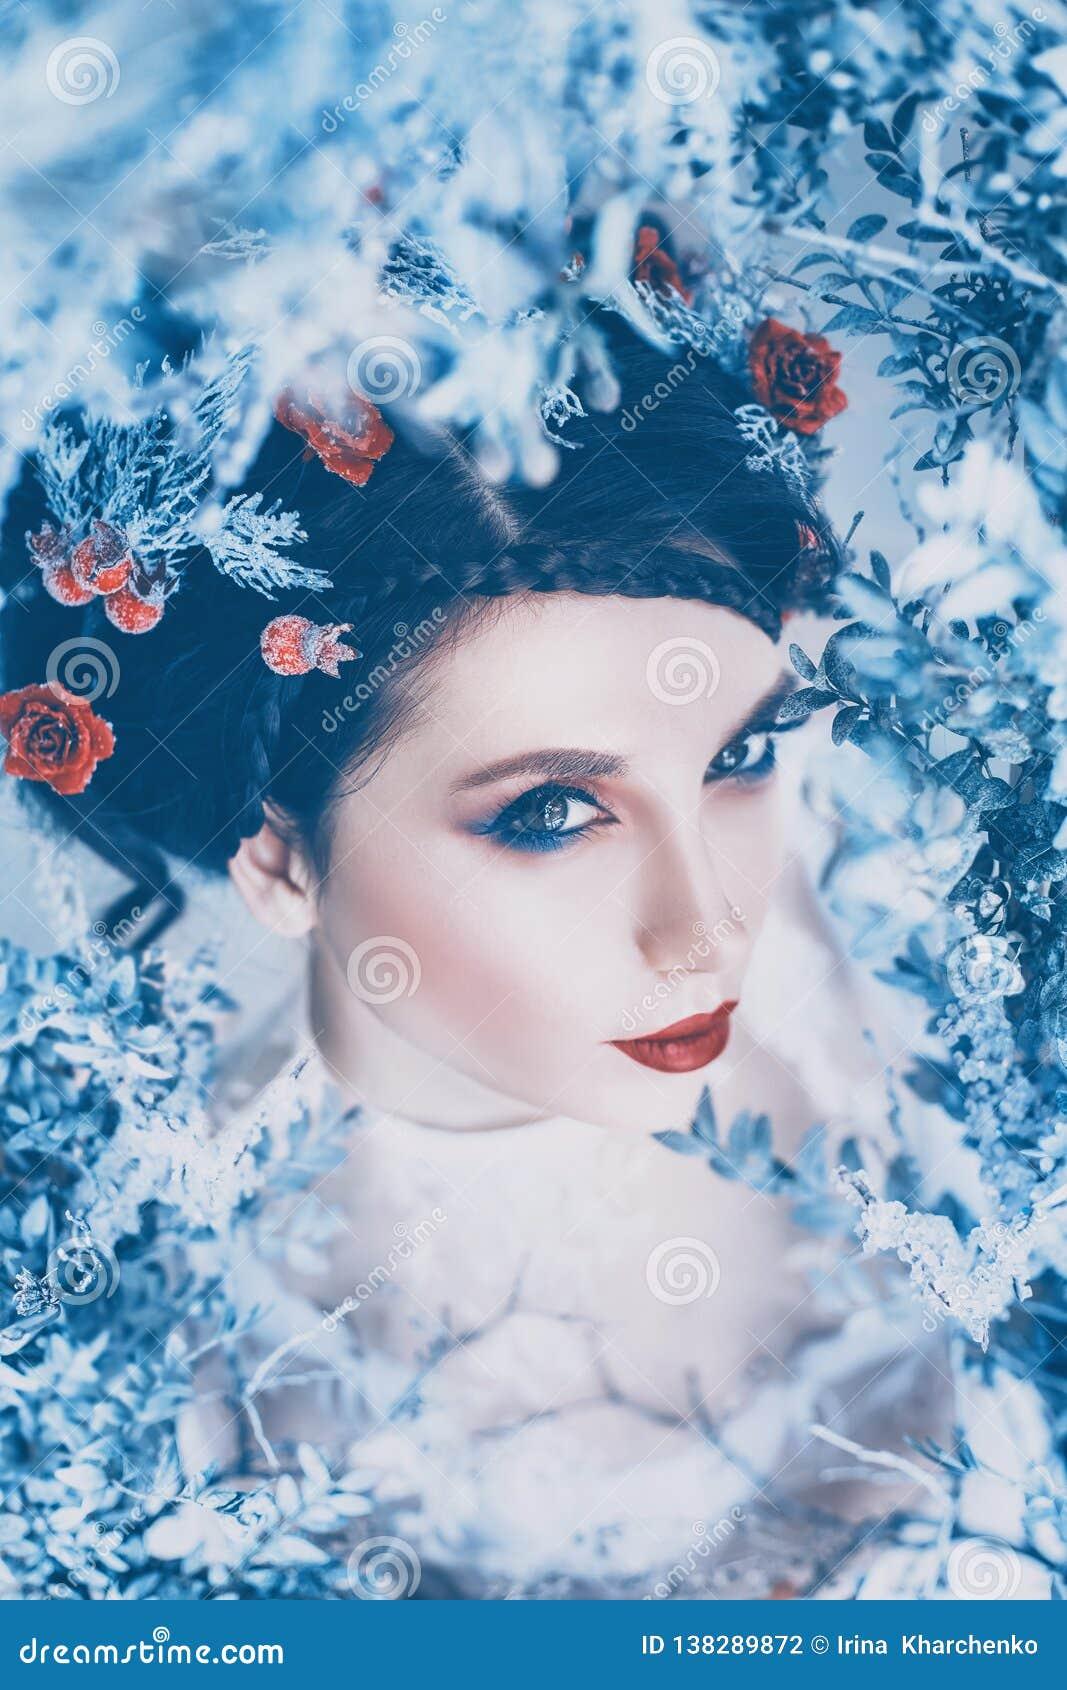 De trotse majestueuze koningin van de winter en eeuwige koude in lange witte kleding met donker verzameld haar versierde met bevr